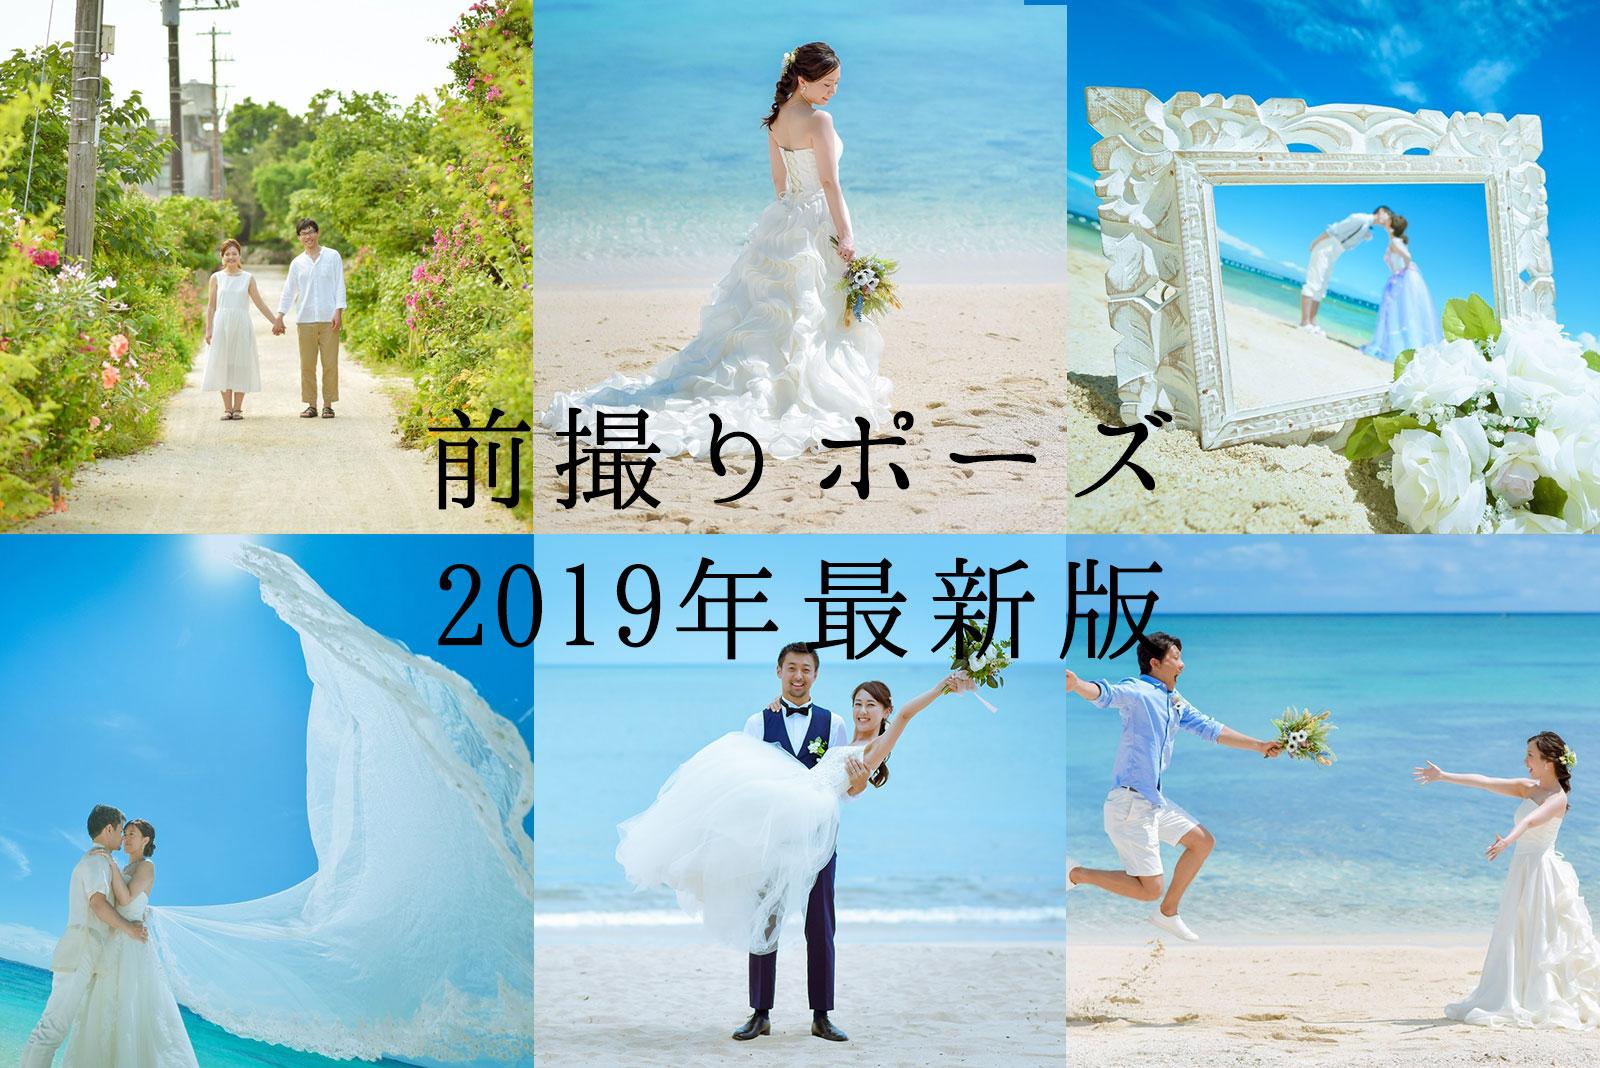 【2019年9月版】カメラマンが選ぶ結婚式の前撮りポーズ69選・写真141枚